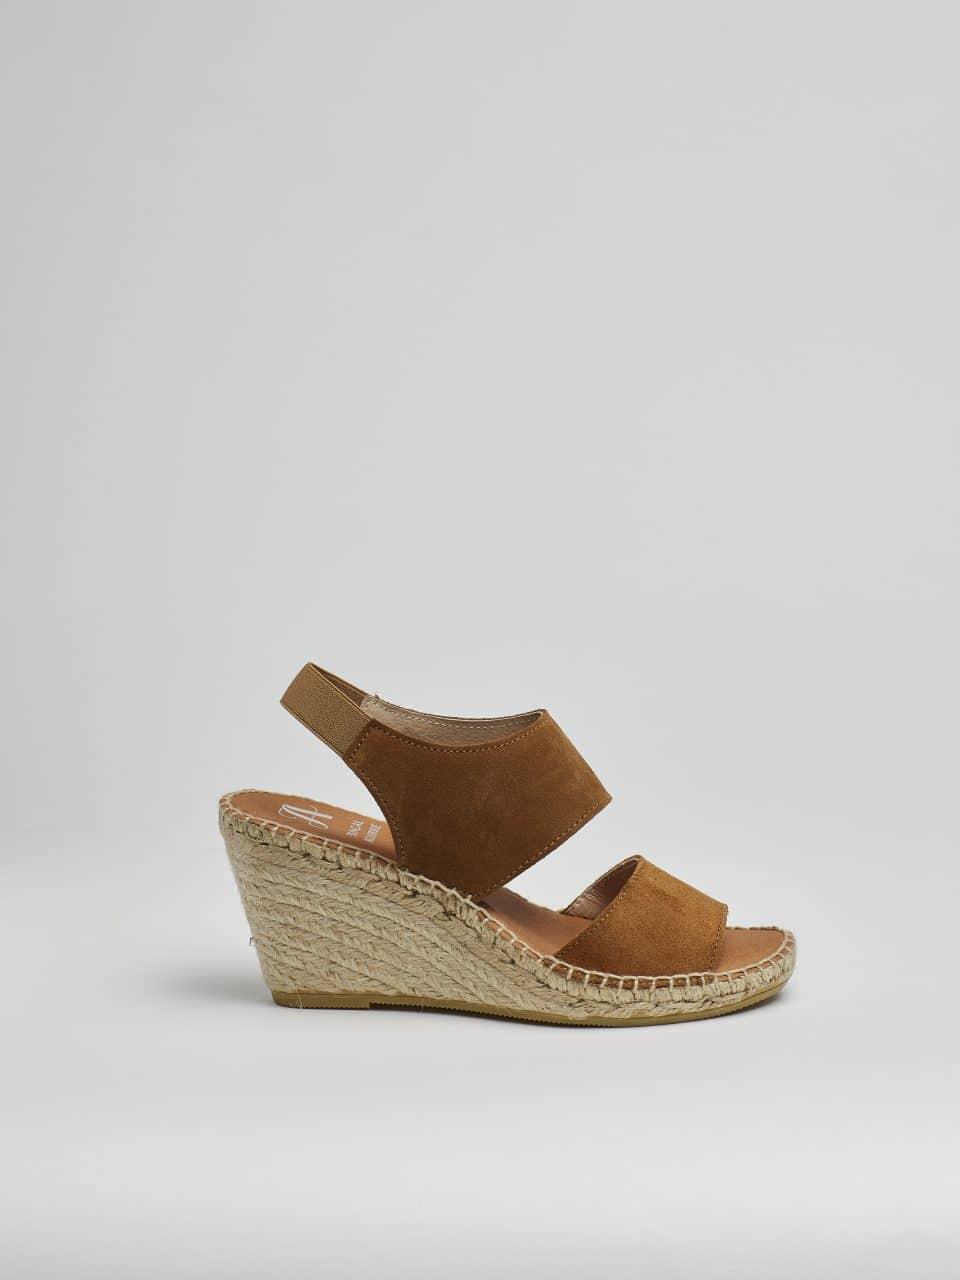 SERRAJE HONEY Sin categoría en Loyna Shoes